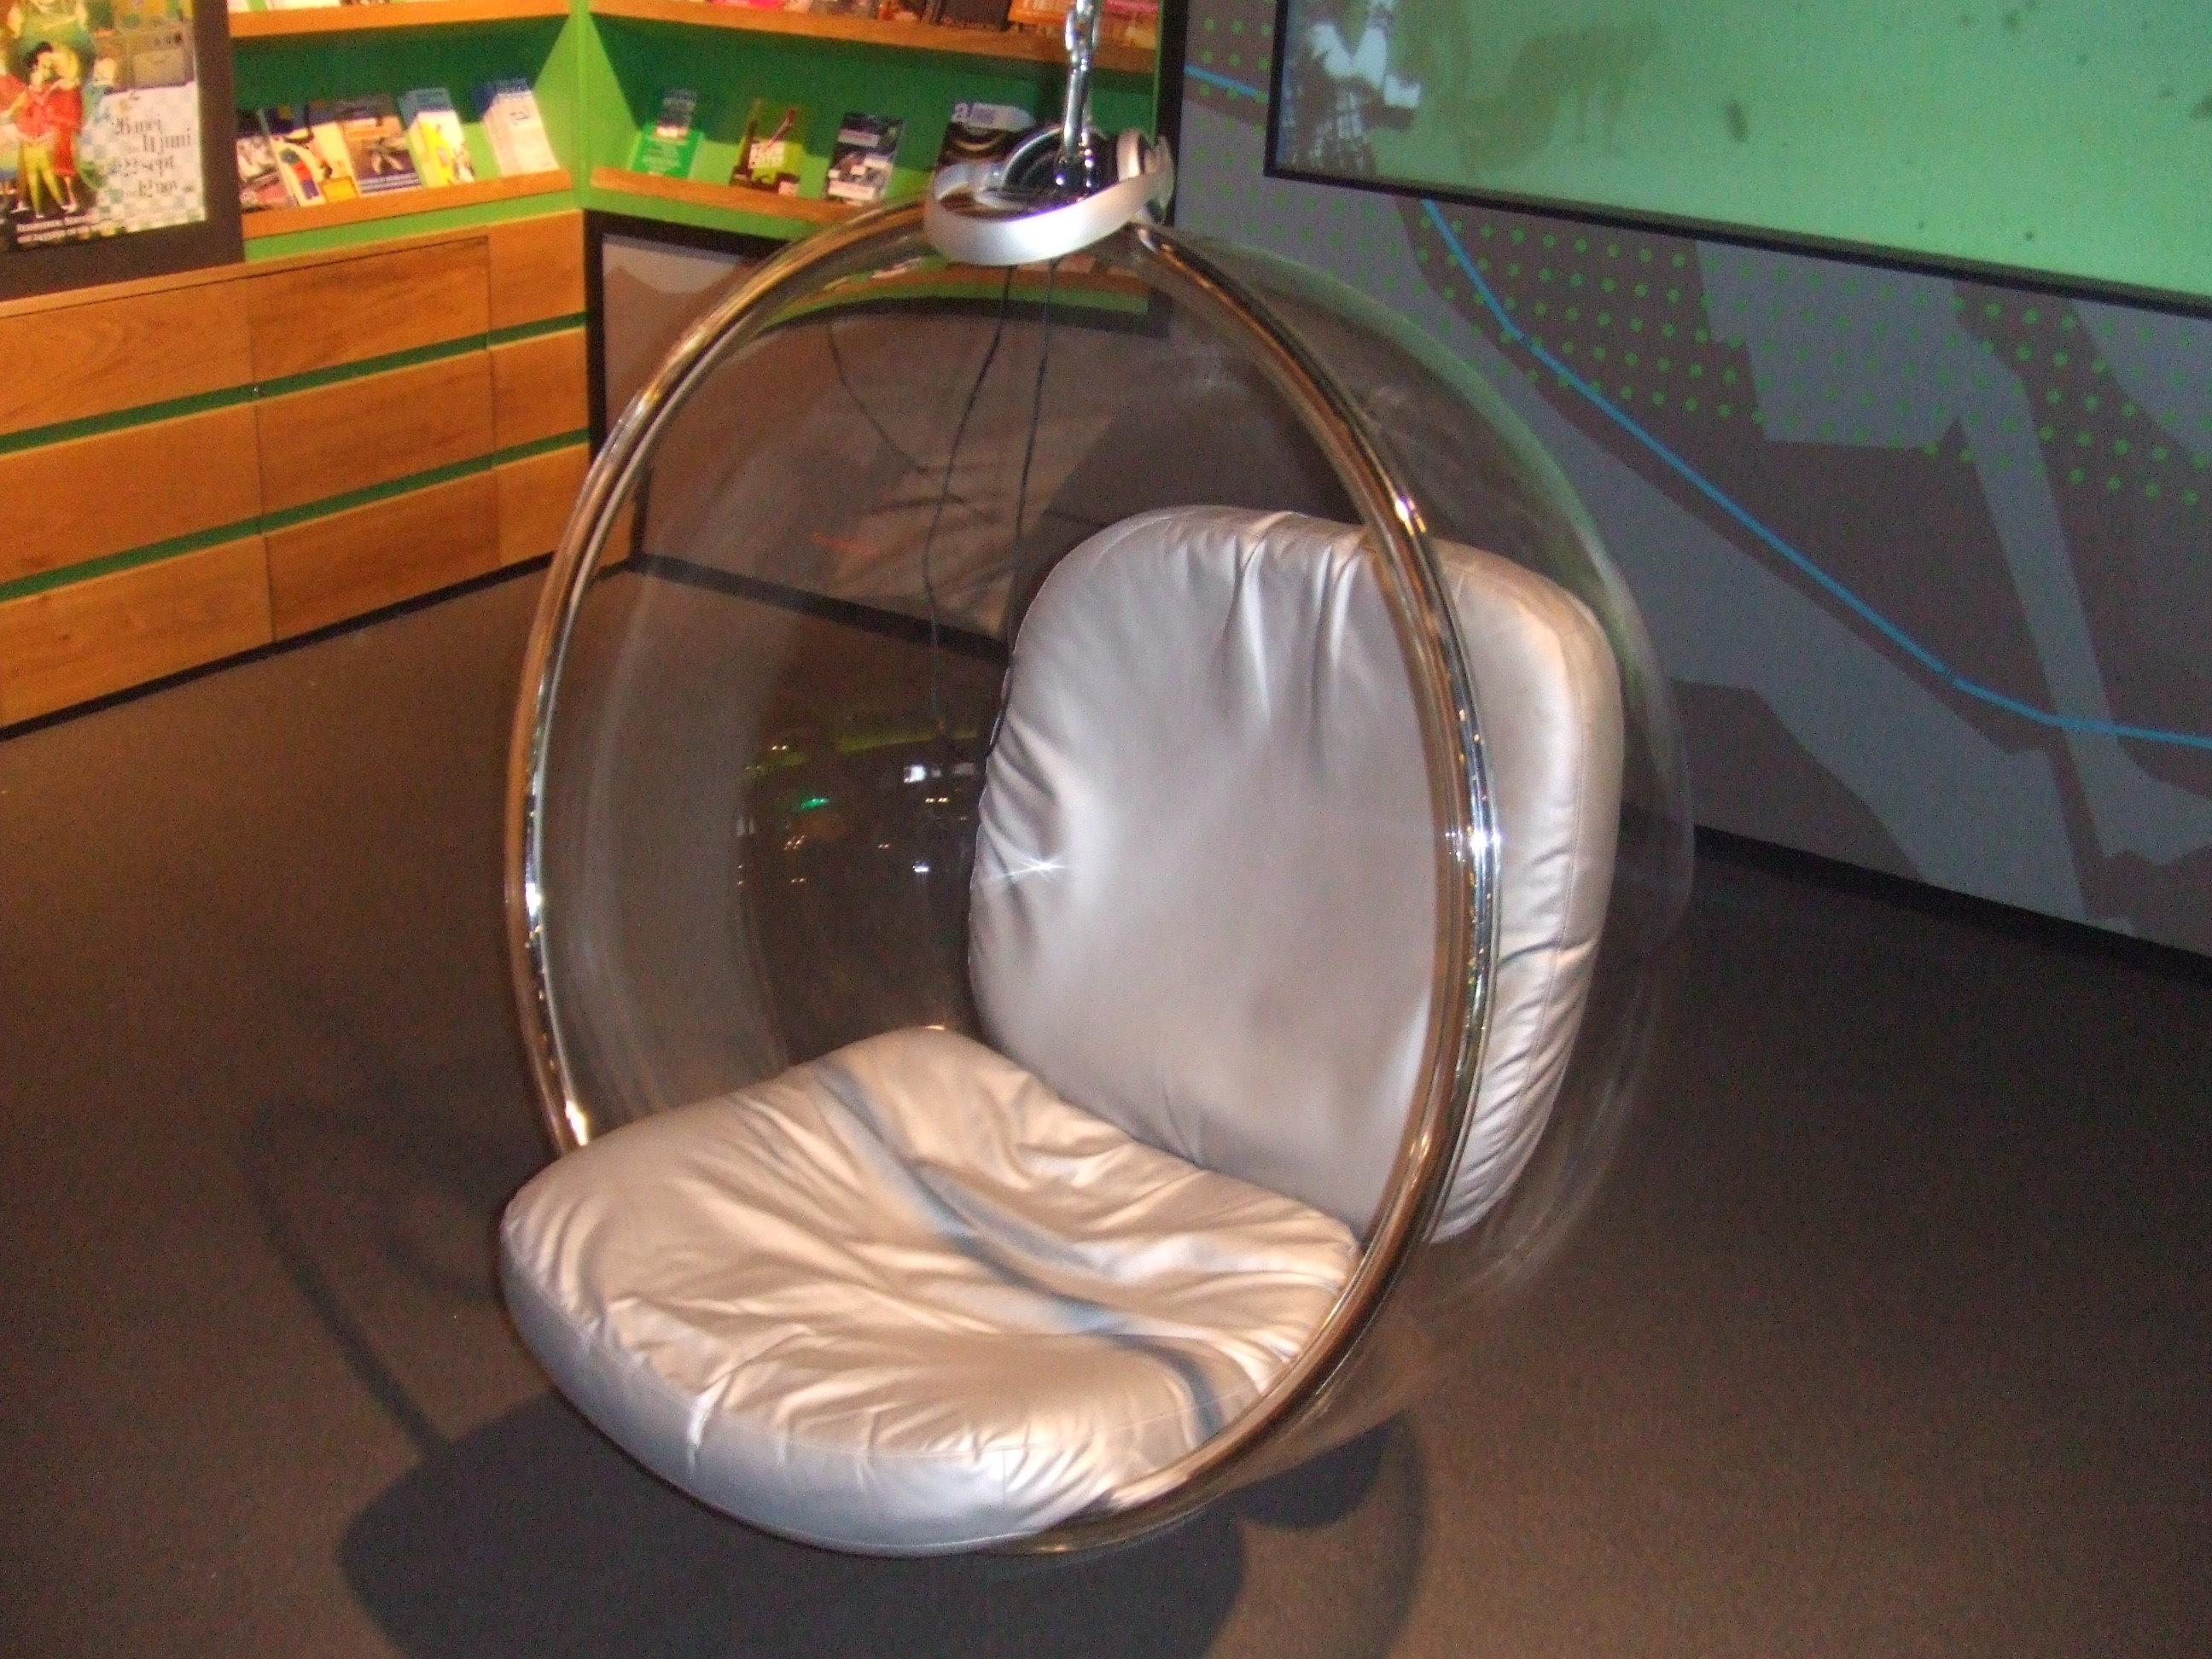 Guide d'utilisation d'un fauteuil suspendu